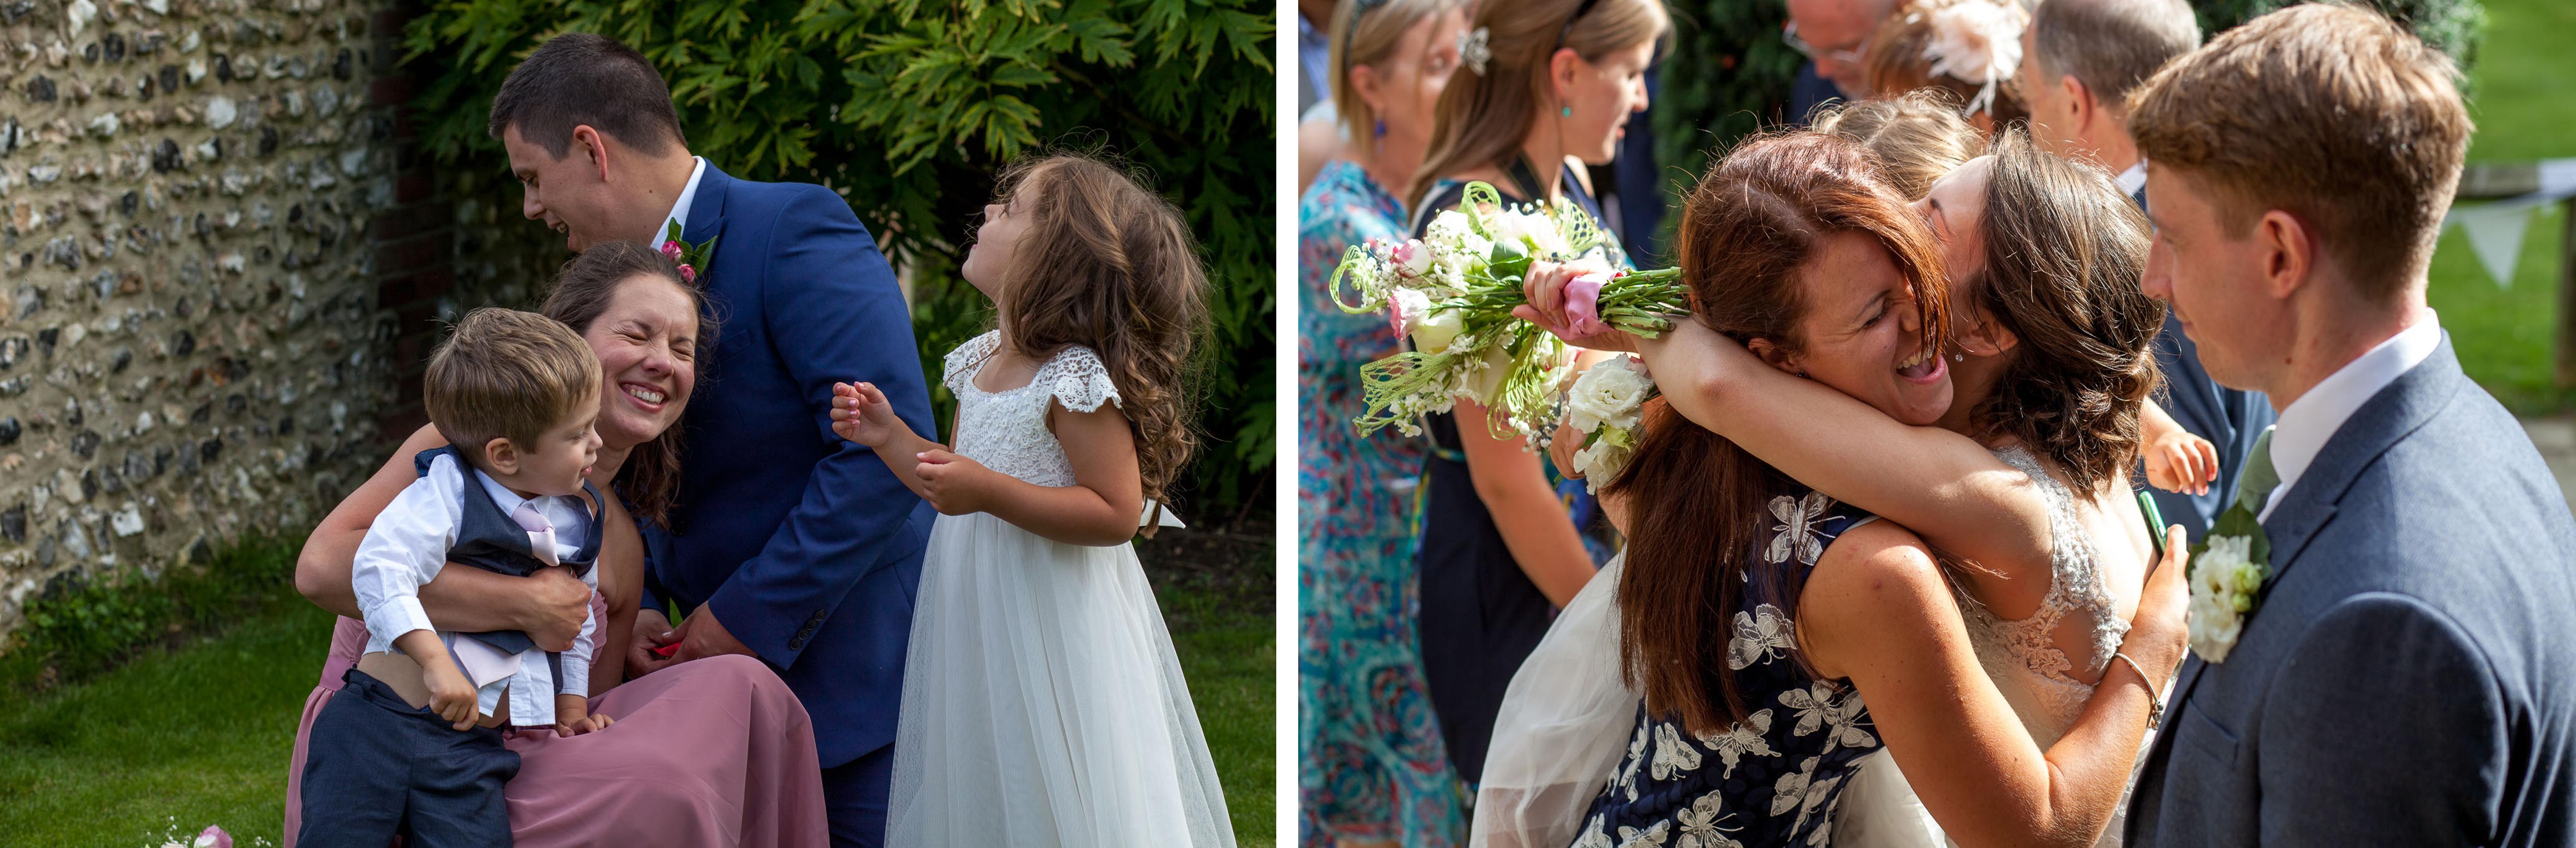 dorset house wedding photos